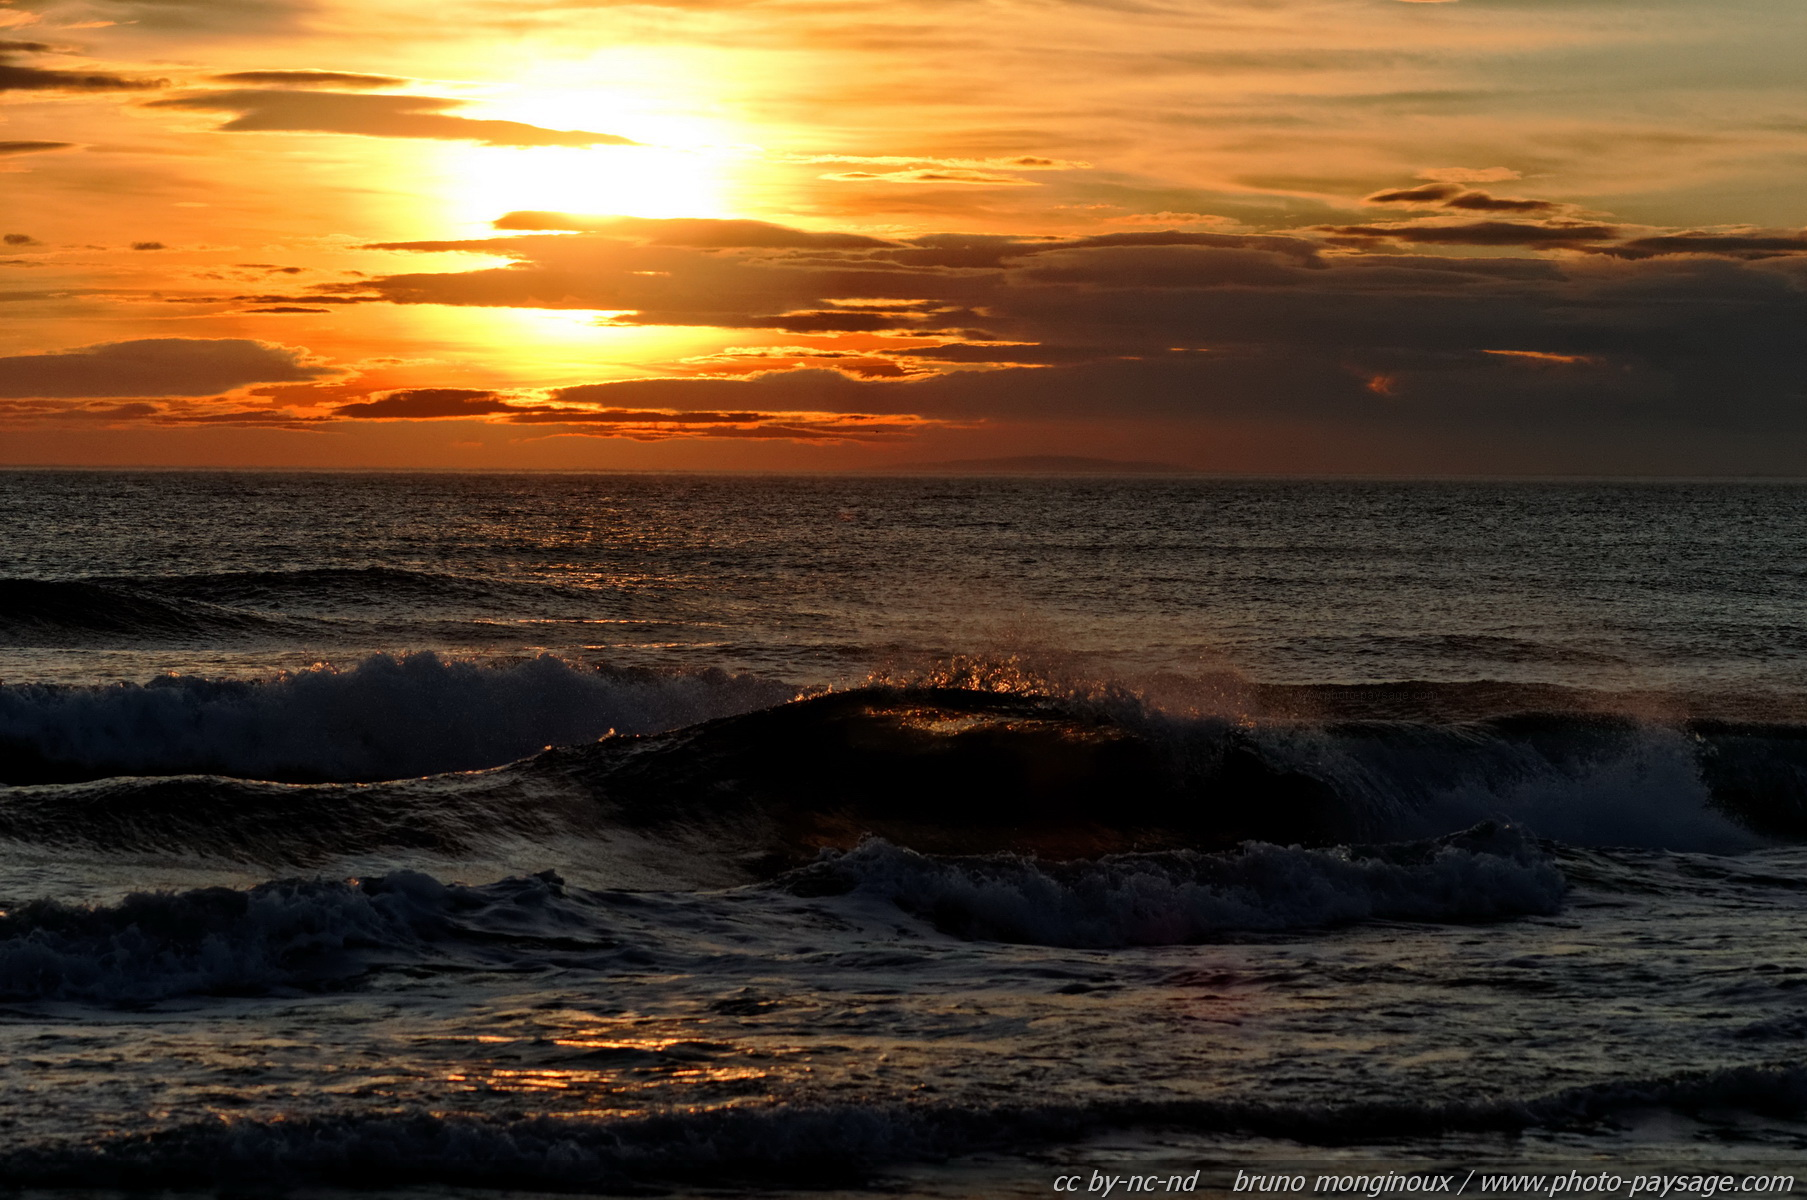 Cliquez ici pour afficher et t l charger le fond d 39 ecran - Fond ecran coucher de soleil sur la mer ...